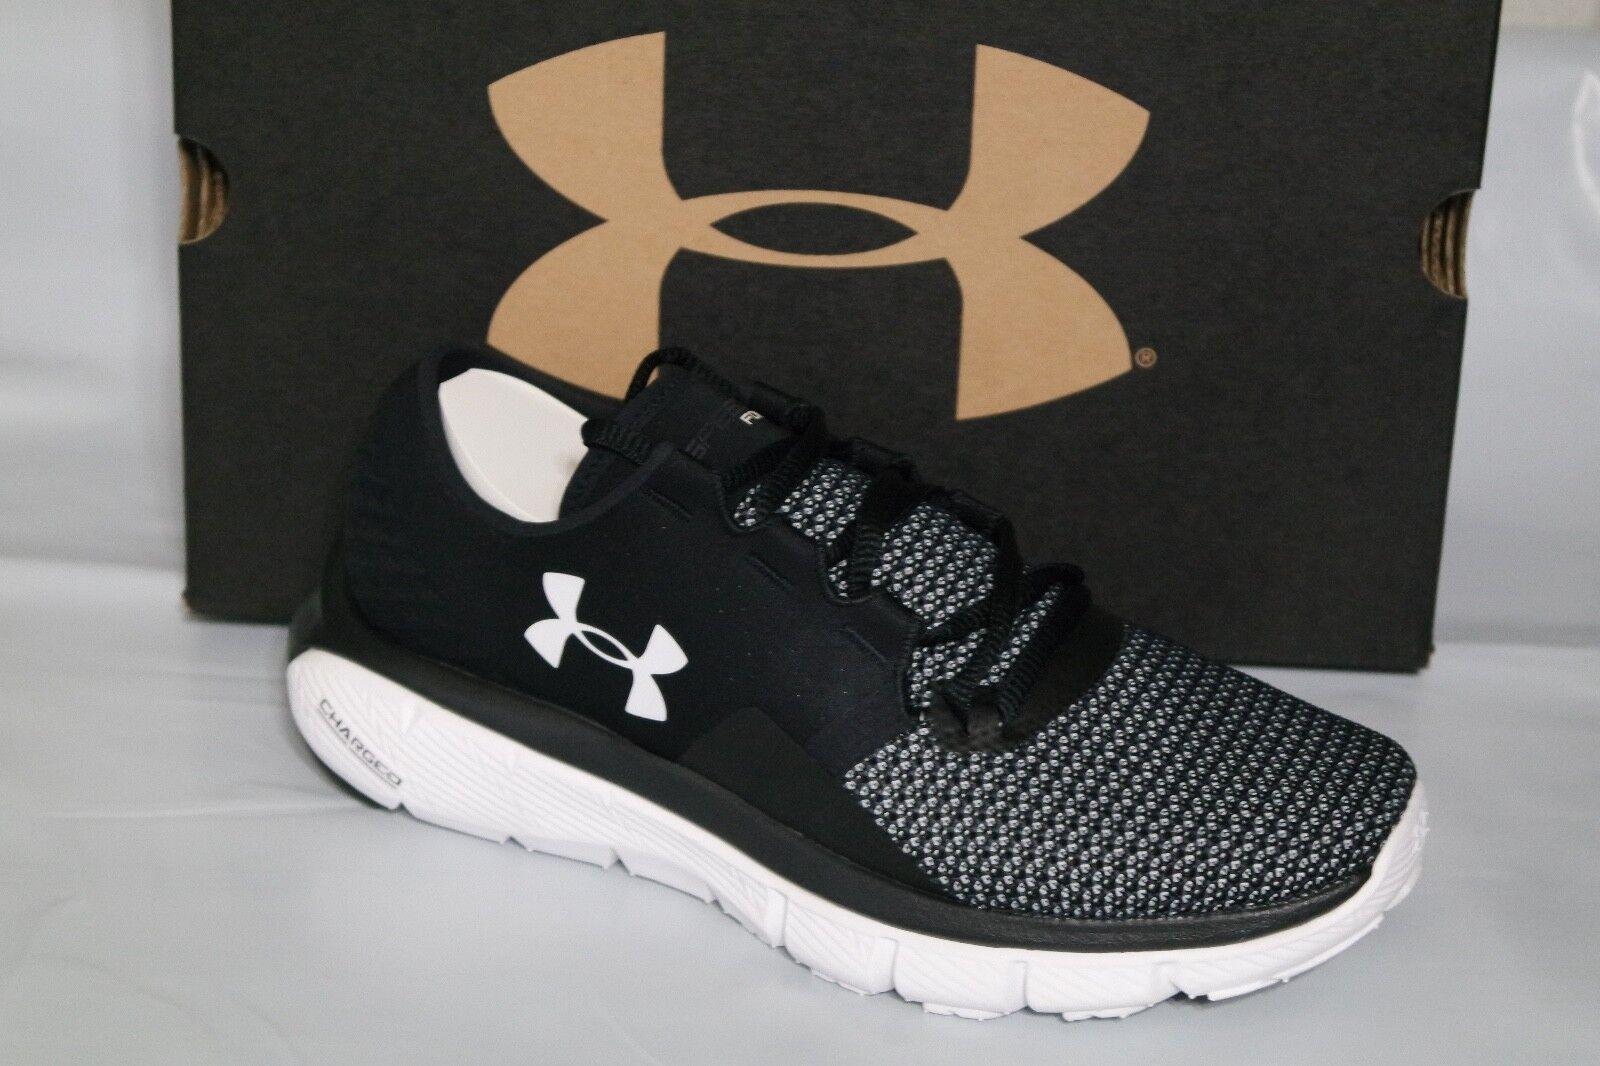 UNDER ARMOUR UA SpeedForm FORTIS 2 Damenschuhe RUNNING Schuhe, BLACK/WEISS 1273954-001